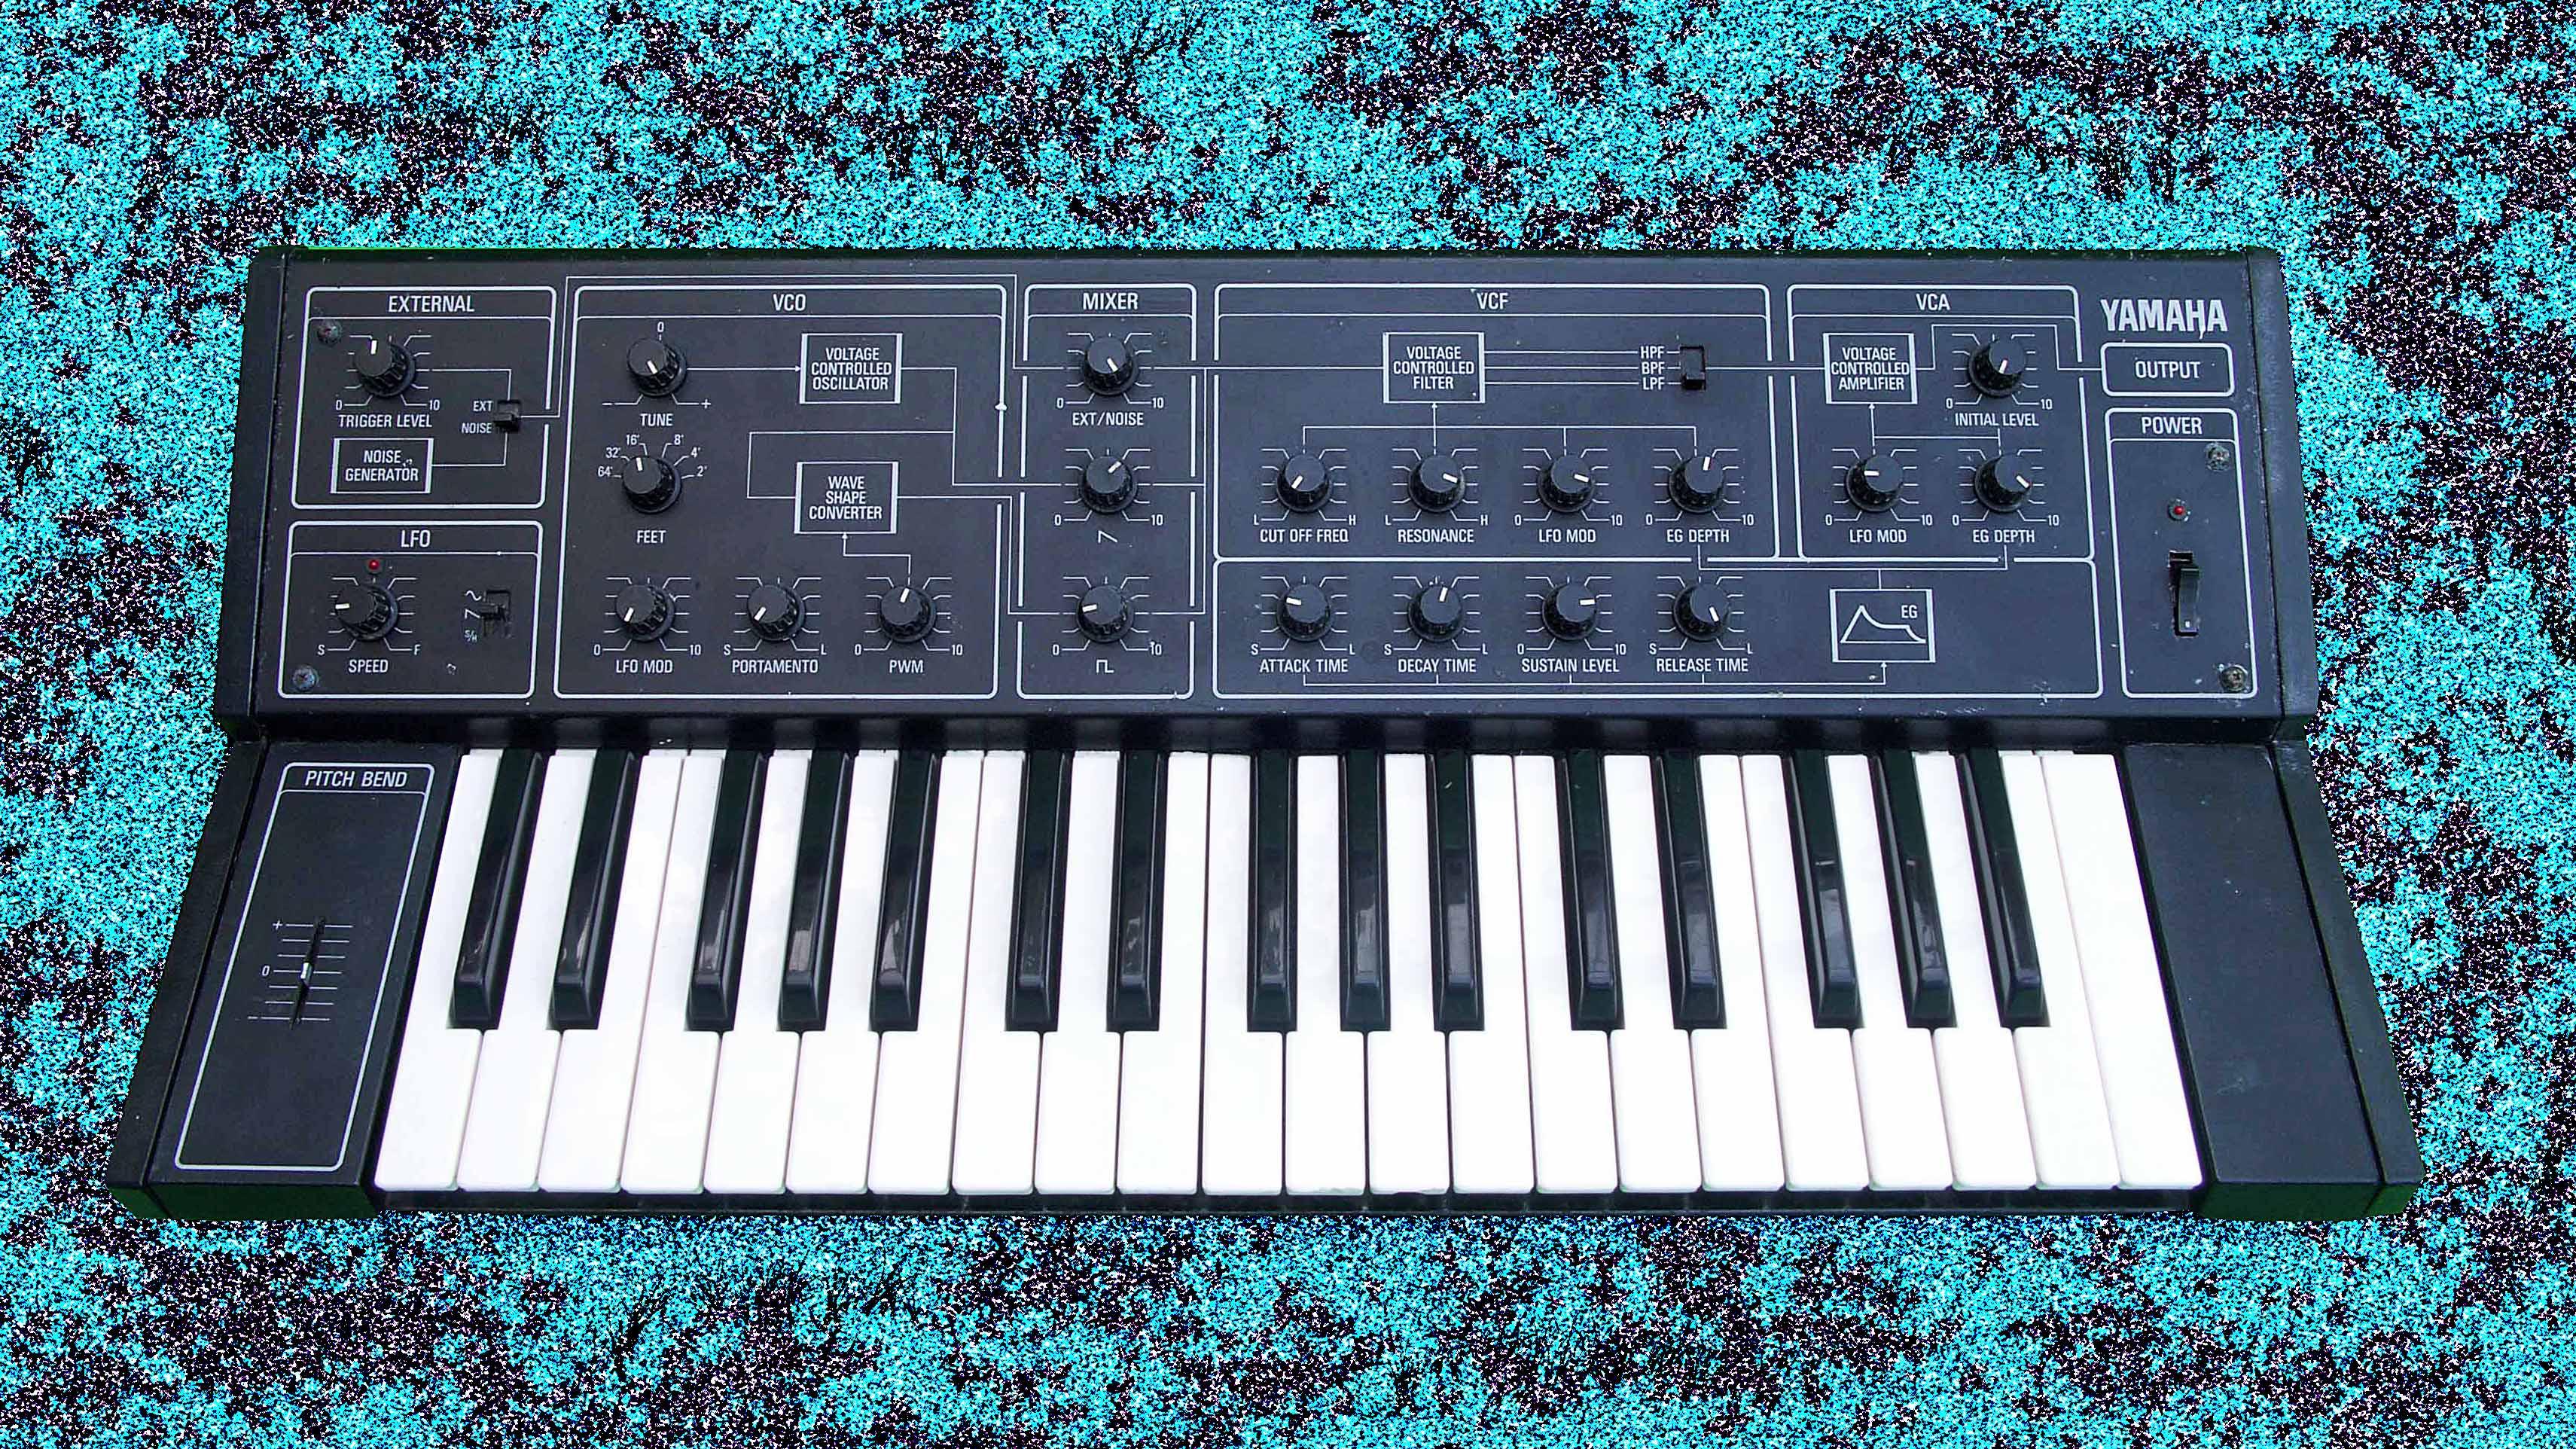 Yamaha Cs Analog Synthesizer